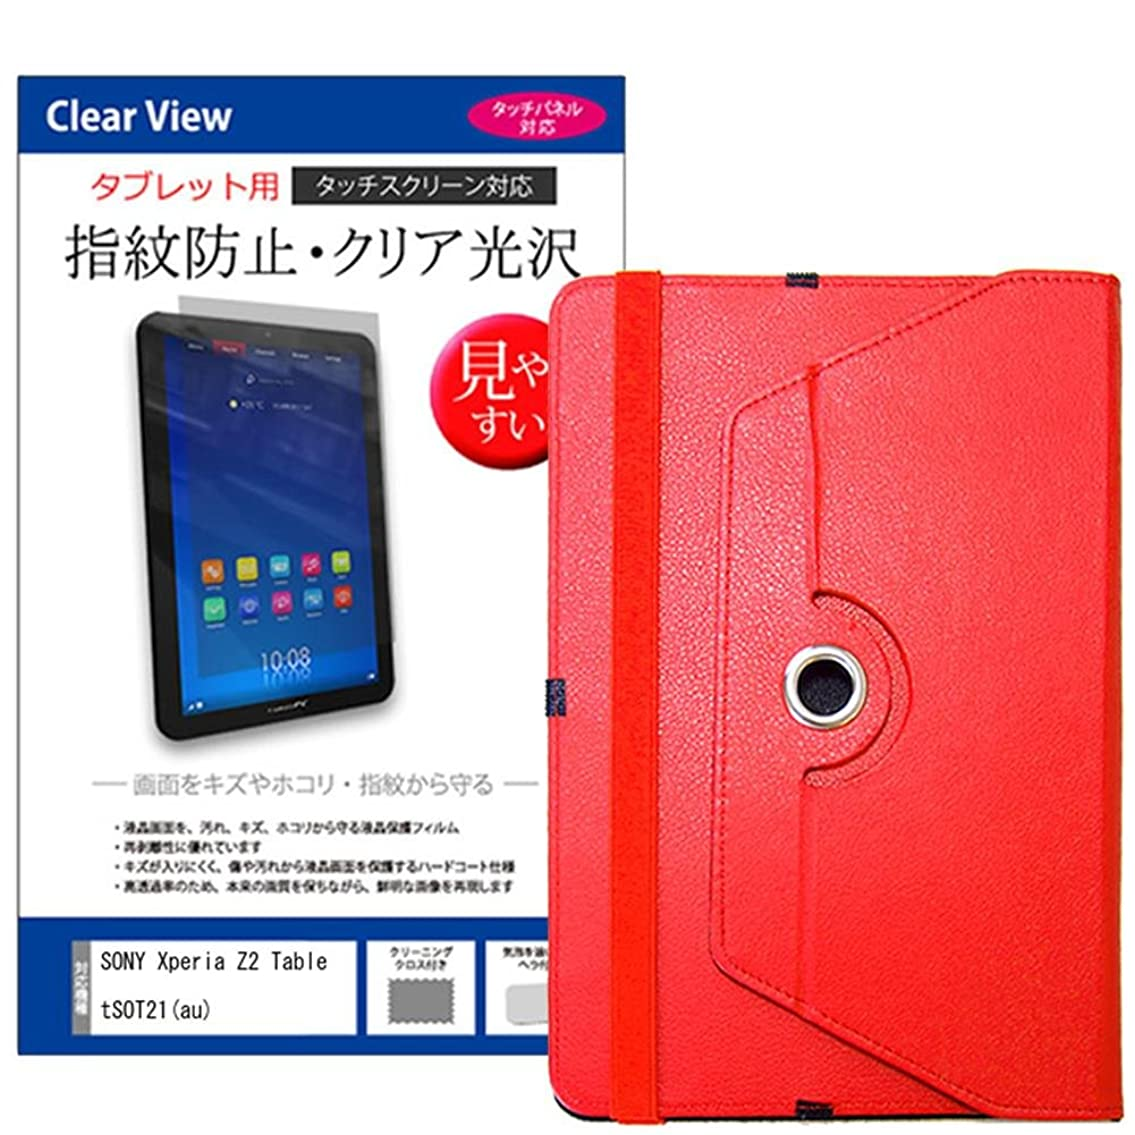 受動的幼児レインコートメディアカバーマーケット SONY Xperia Z2 Tablet SOT21(au)【10.1インチ(1920x1200)】機種用 【360度回転スタンドレザーケース 赤 と 指紋防止 クリア光沢 液晶保護フィルム のセット】